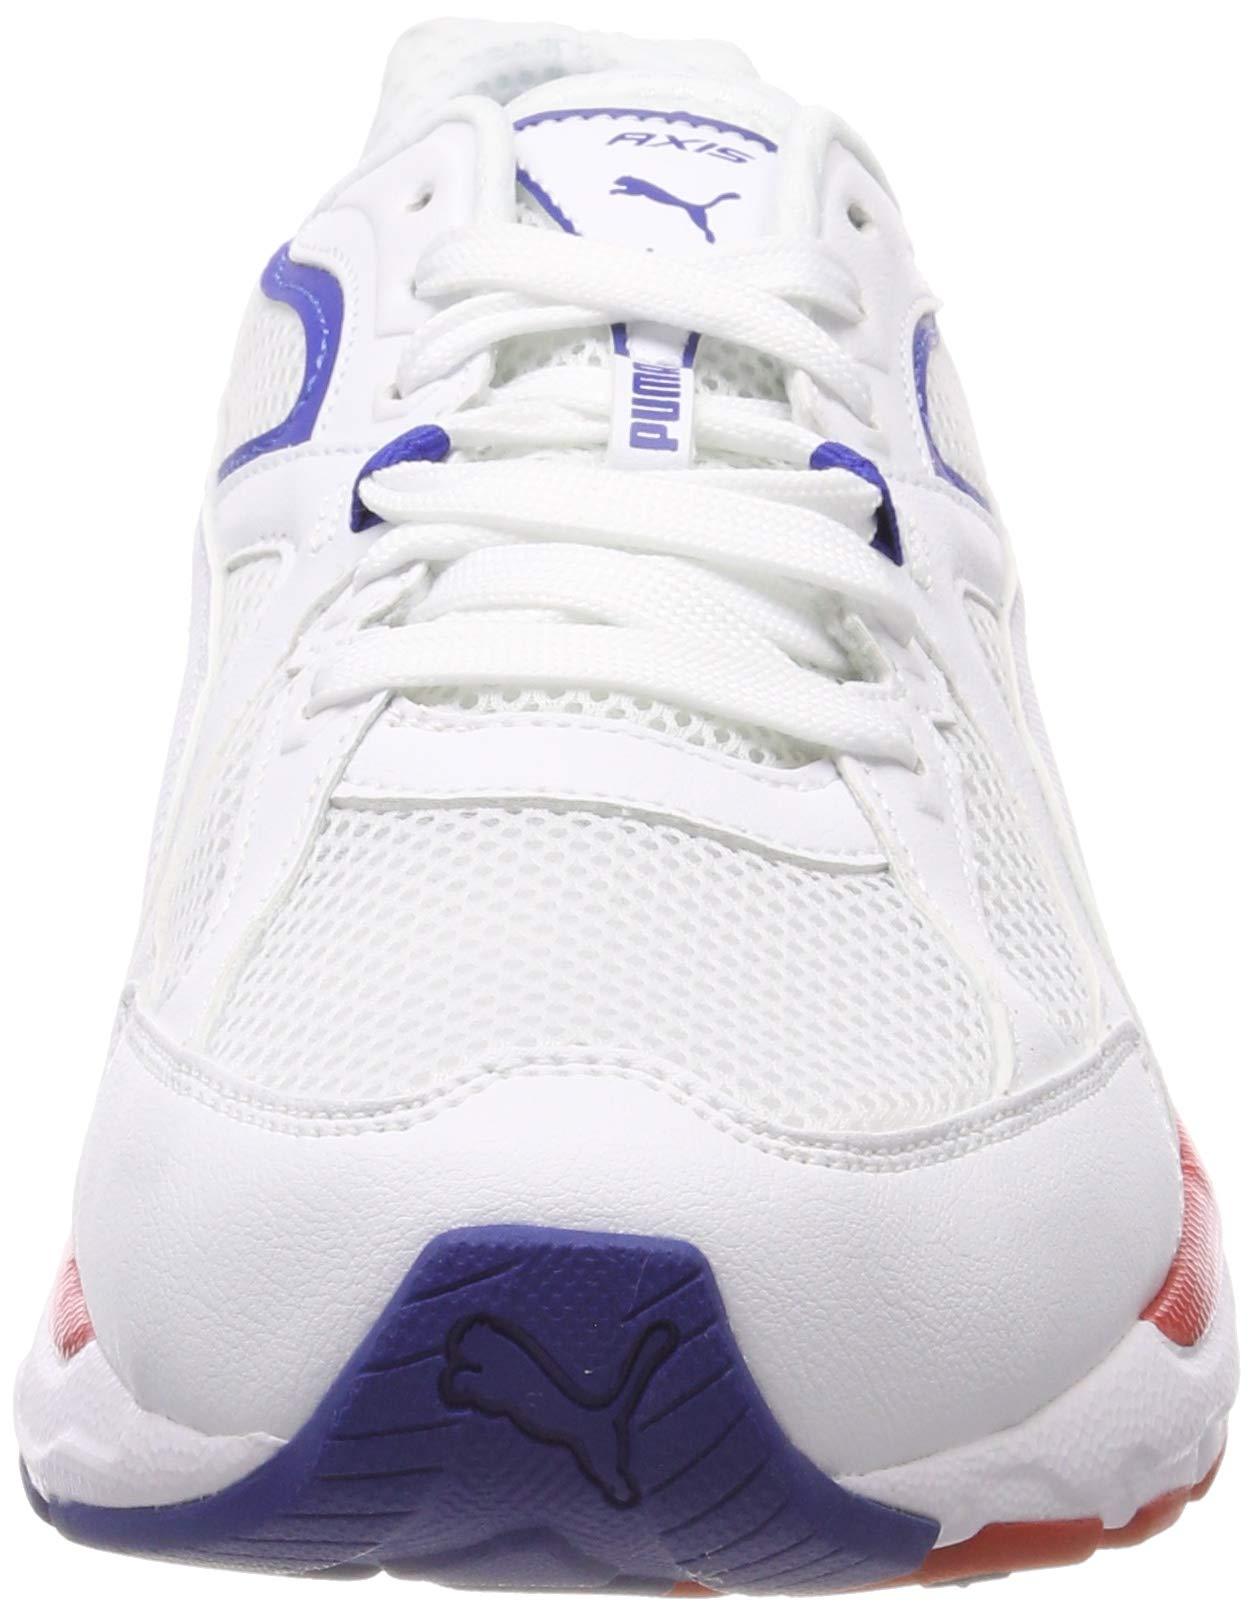 Dettagli su Puma axis plus 90s scarpe da fitness unisex adulto bianco white 36 eu (Oav)